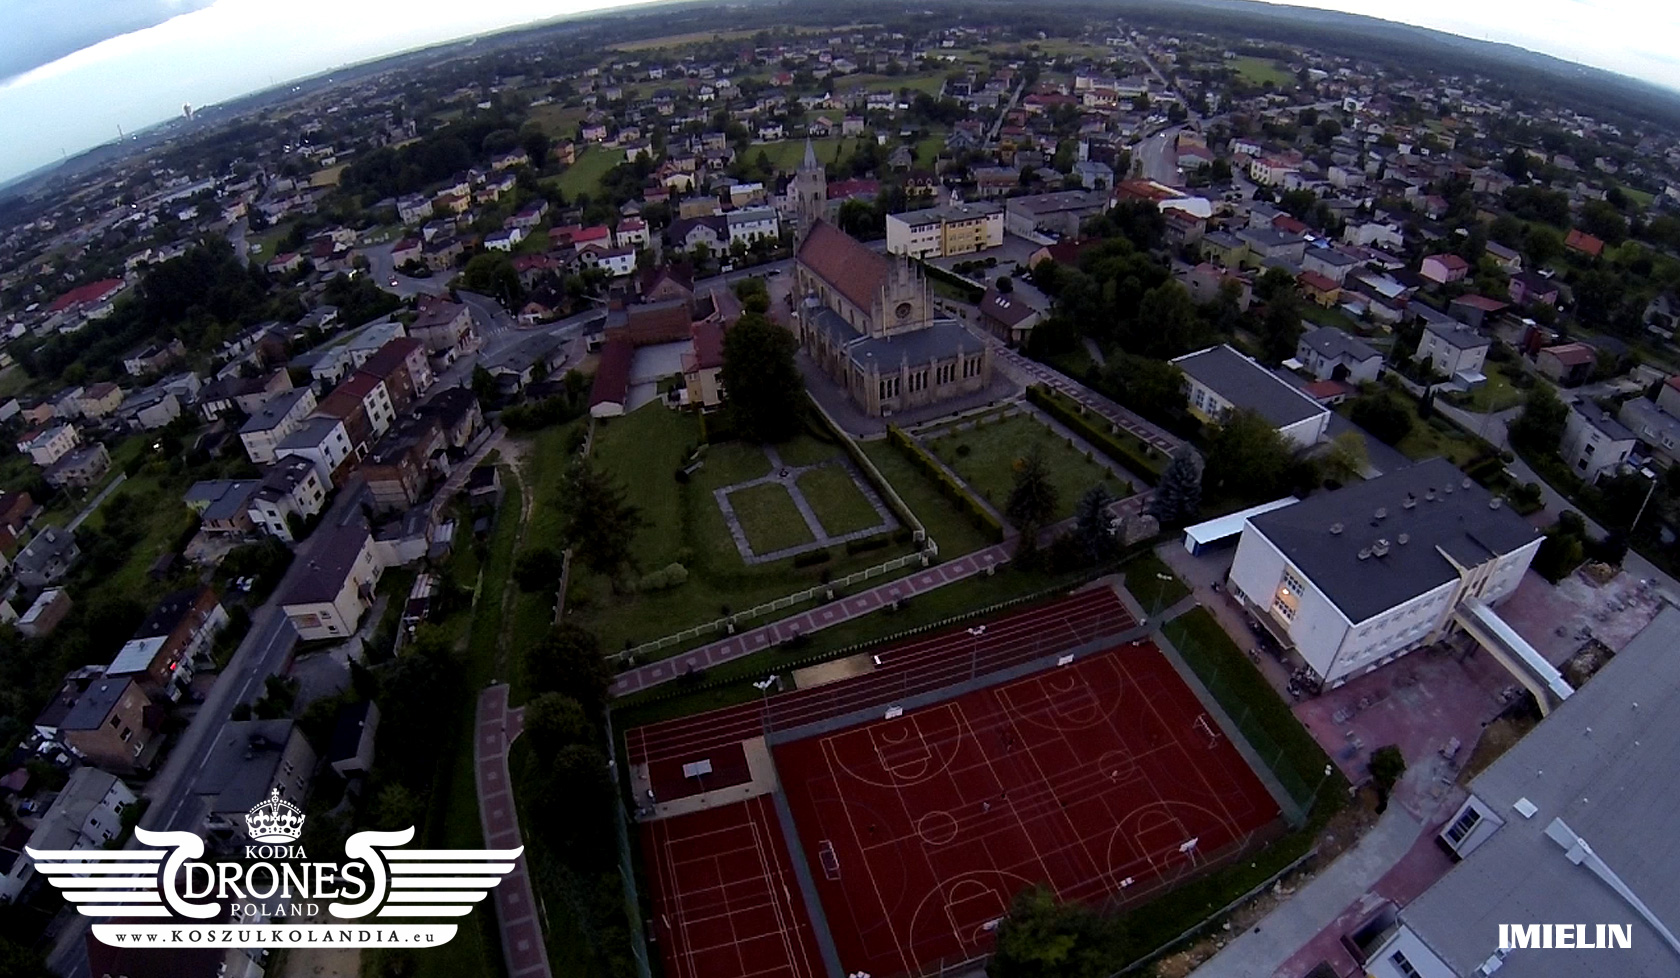 imielin centrum widok z lotu ptaka województwo śląskie